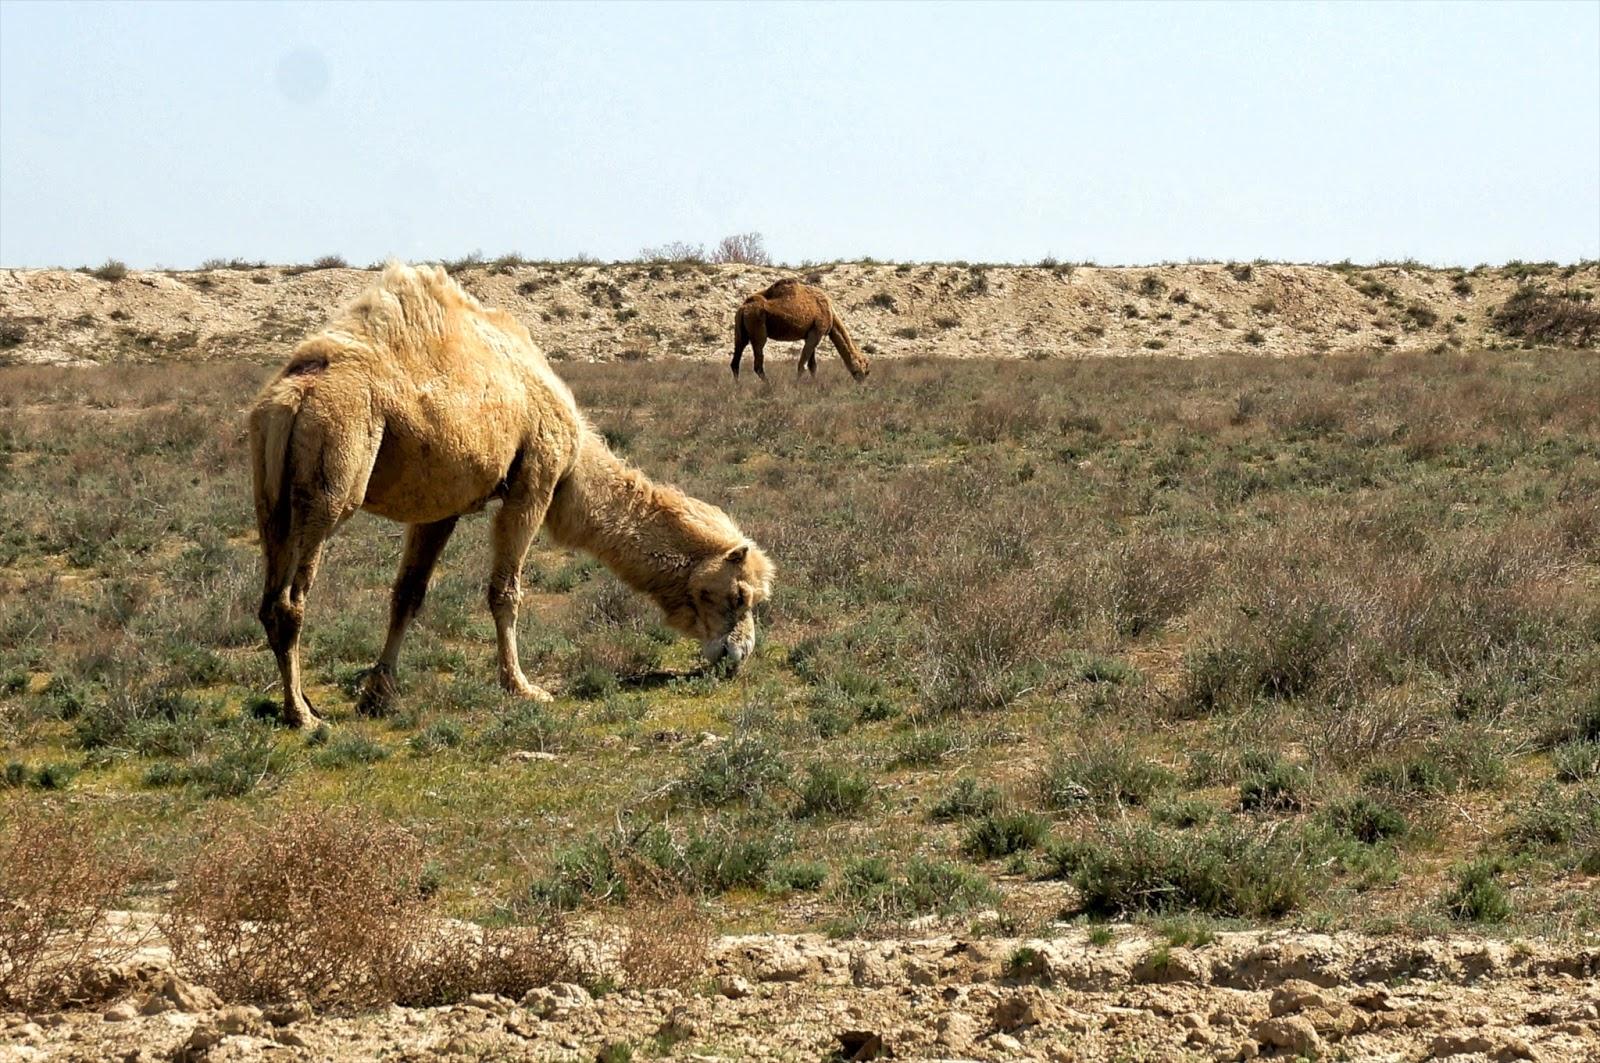 wyprawa do Kazachstanu, co zobaczyć w Kazachstanie, Kazachstan ciekawostki, zwiedzanie Kazachstanu, Kazachstan wielbłąd, step w Kazachstanie